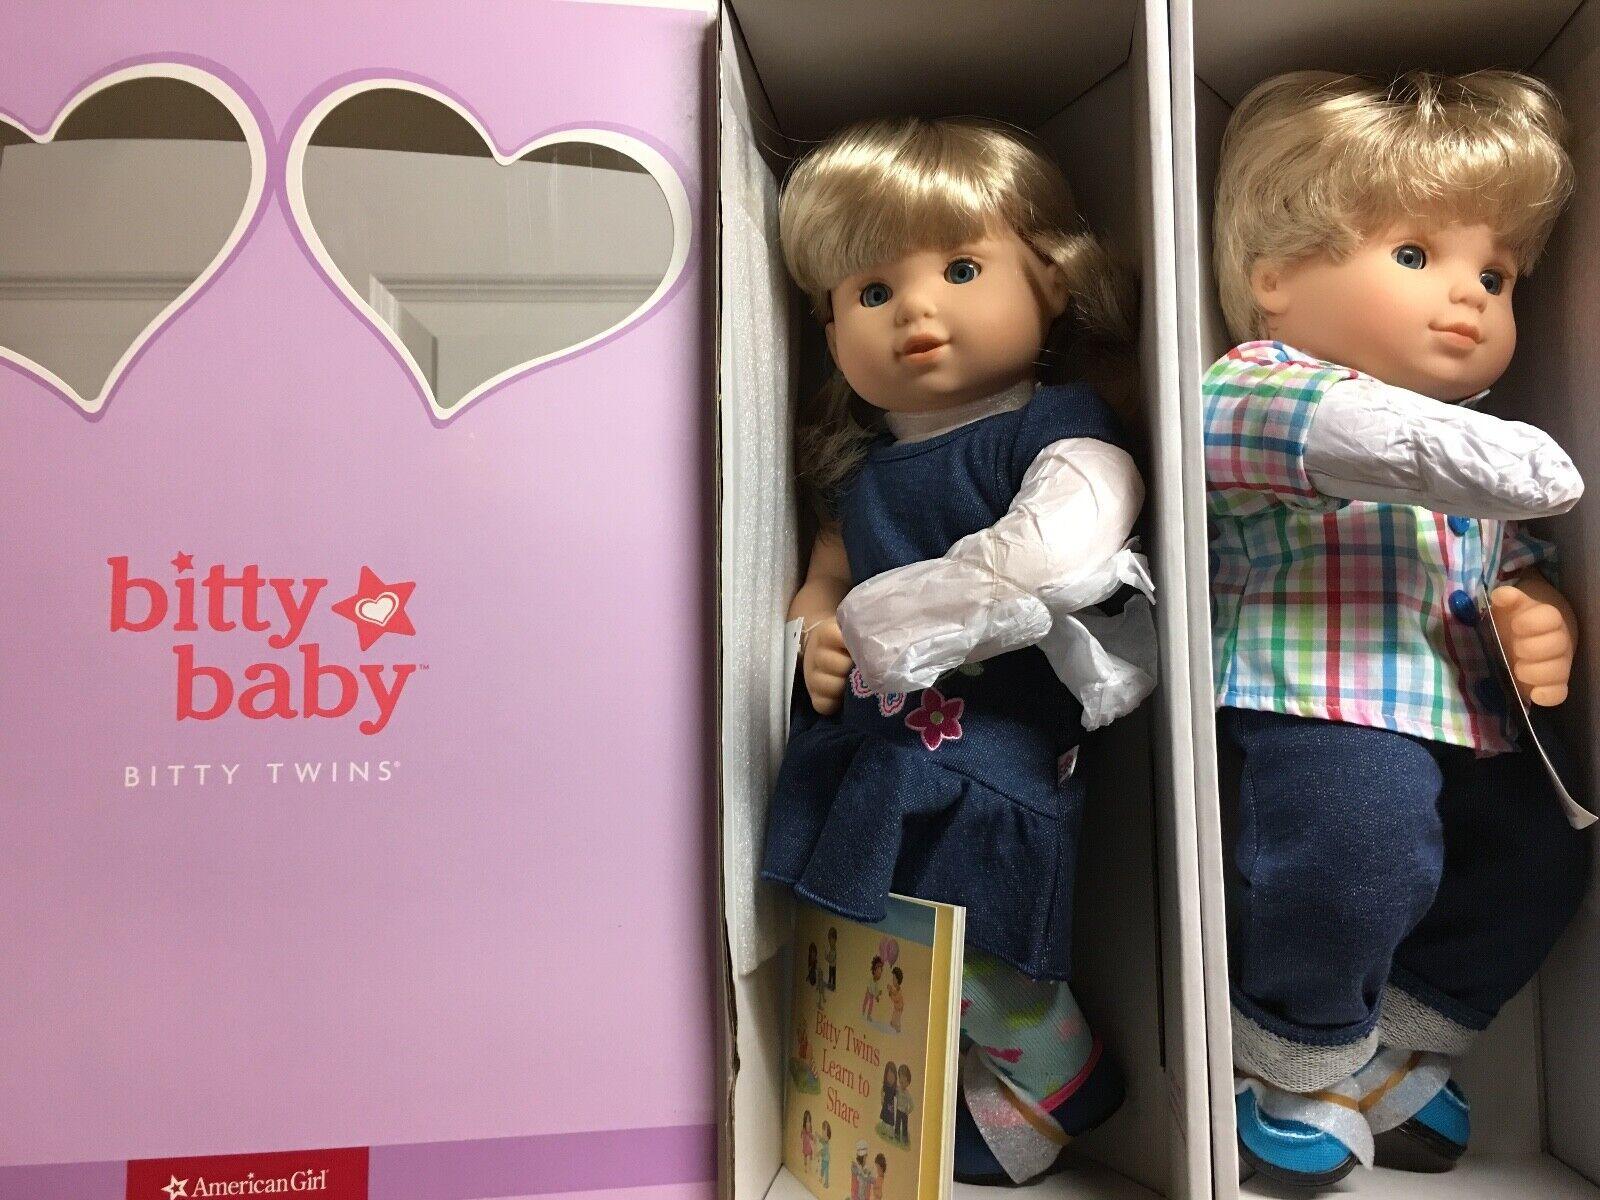 American Girl Bitty Twins Dolls Blonde hair and Blau eyes boy girl set